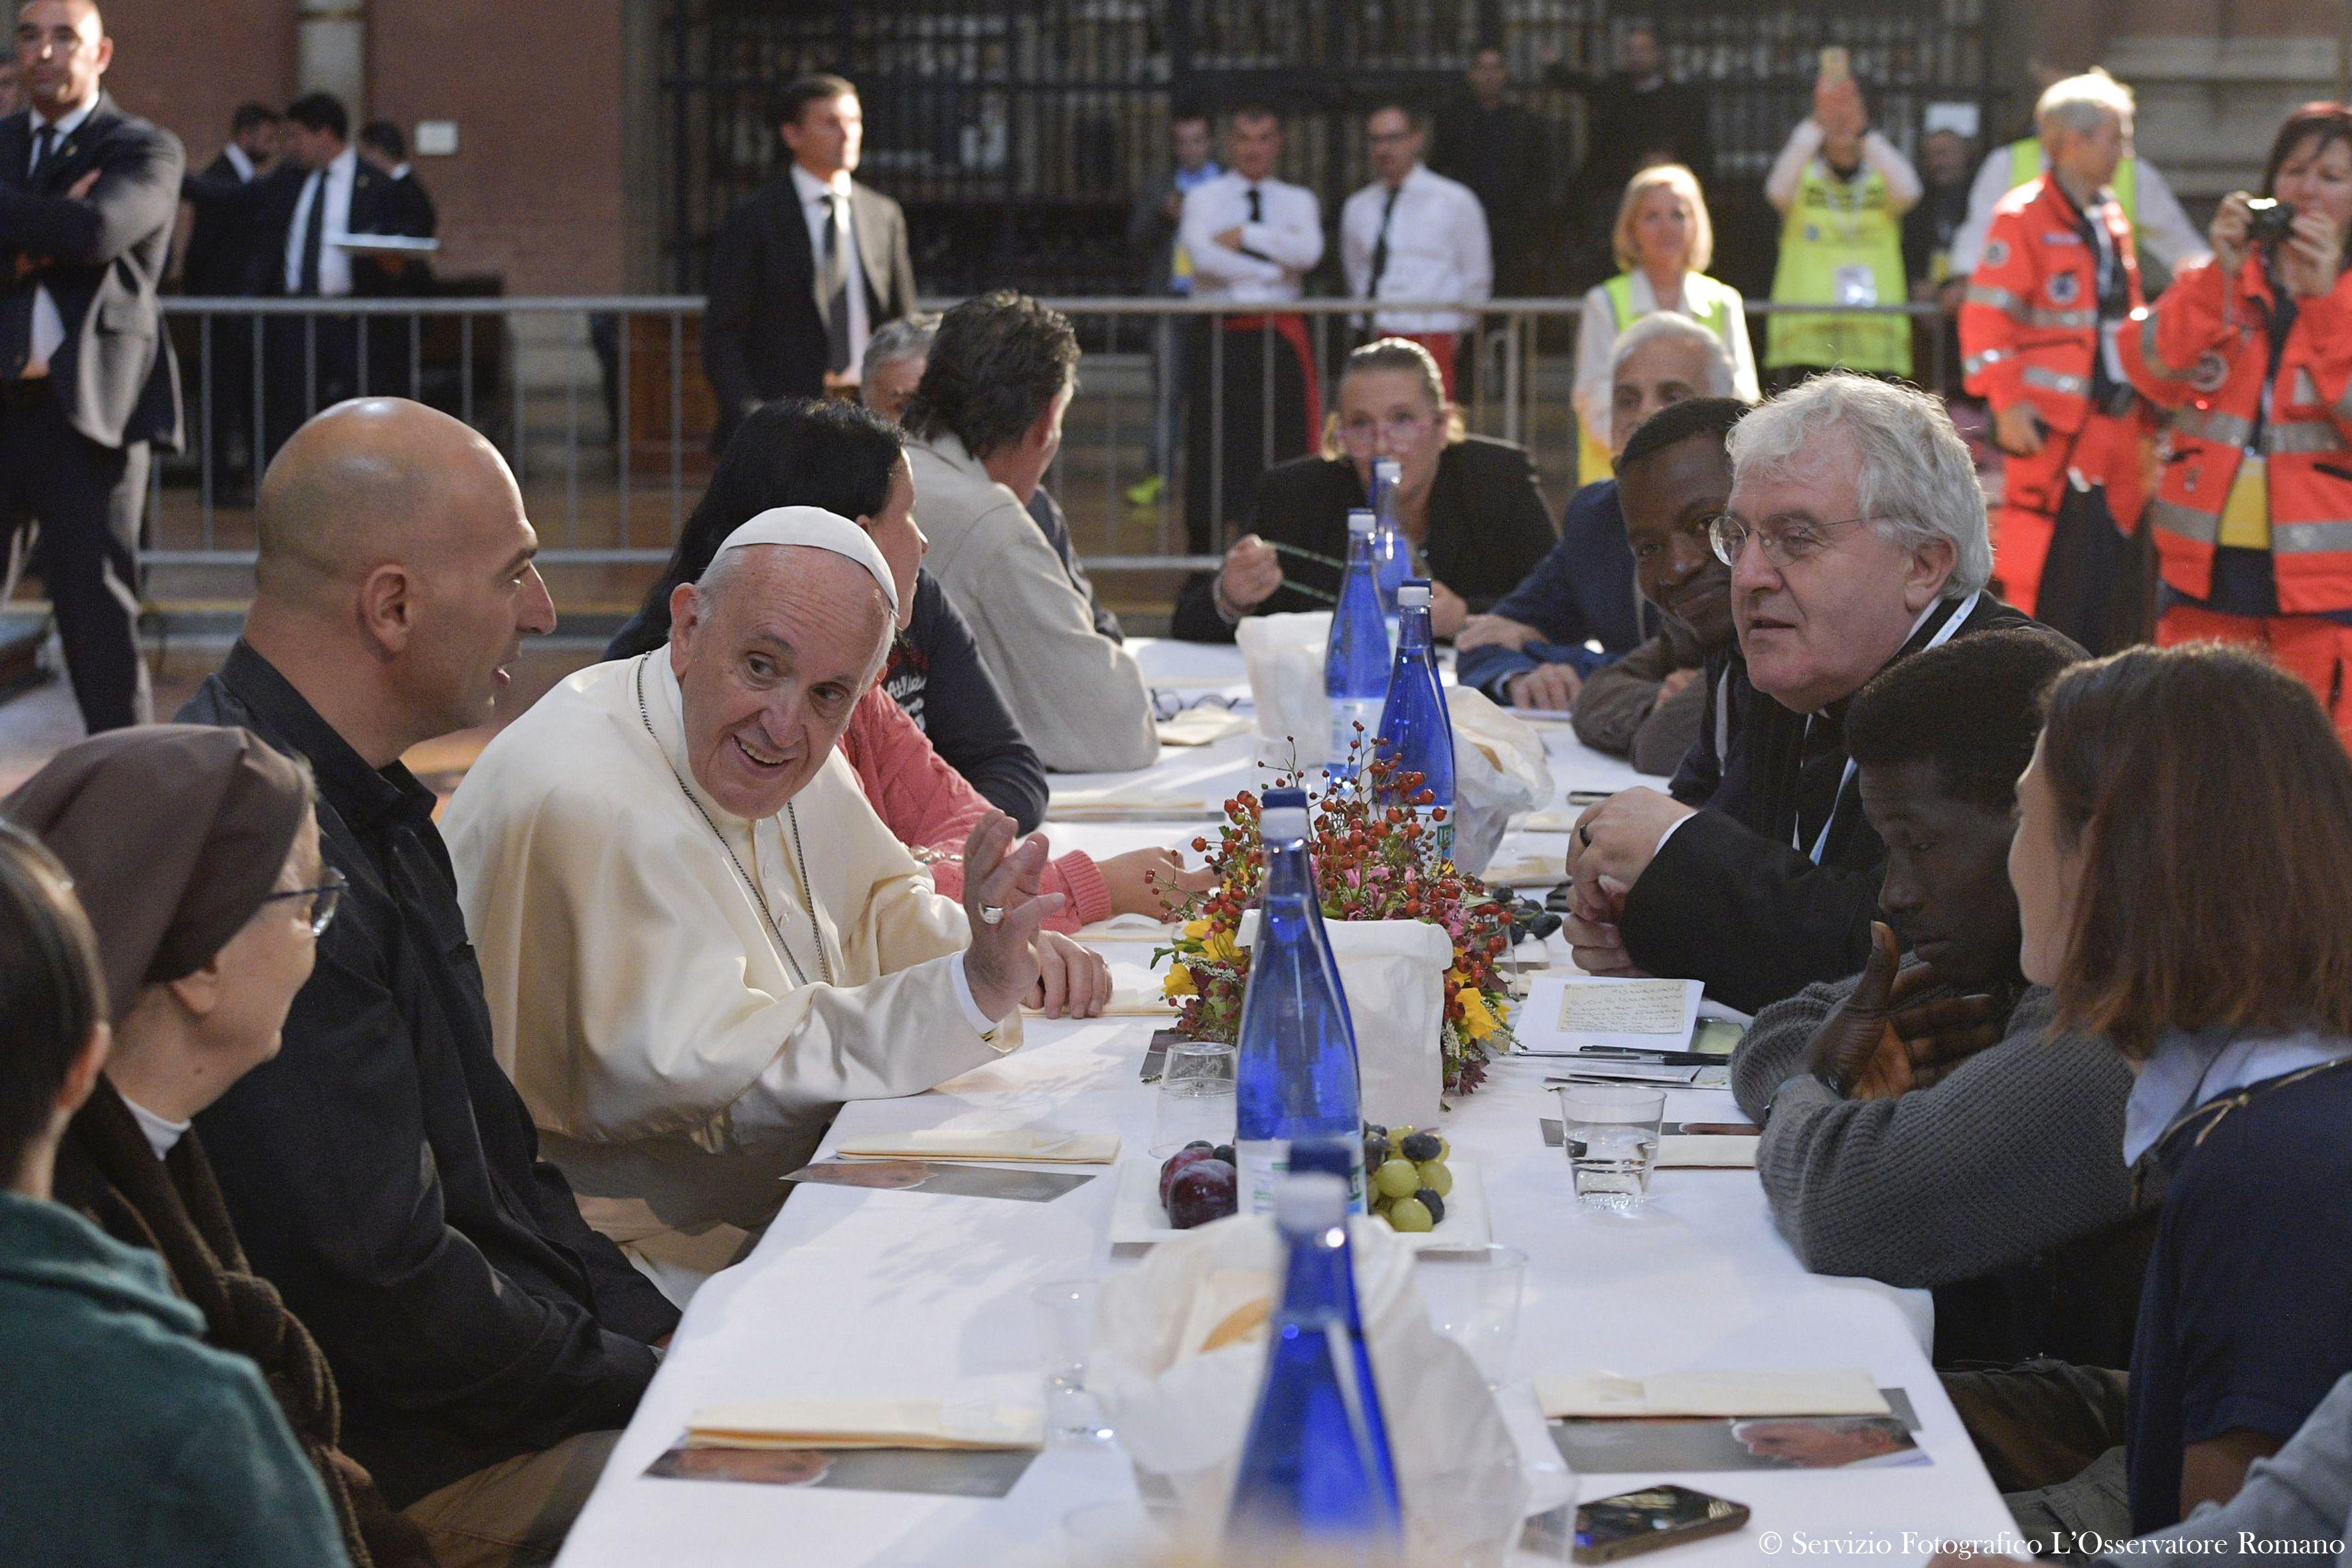 Déjeuner avec des pauvres, migrants, détenus, Bologne © L'Osservatore Romano